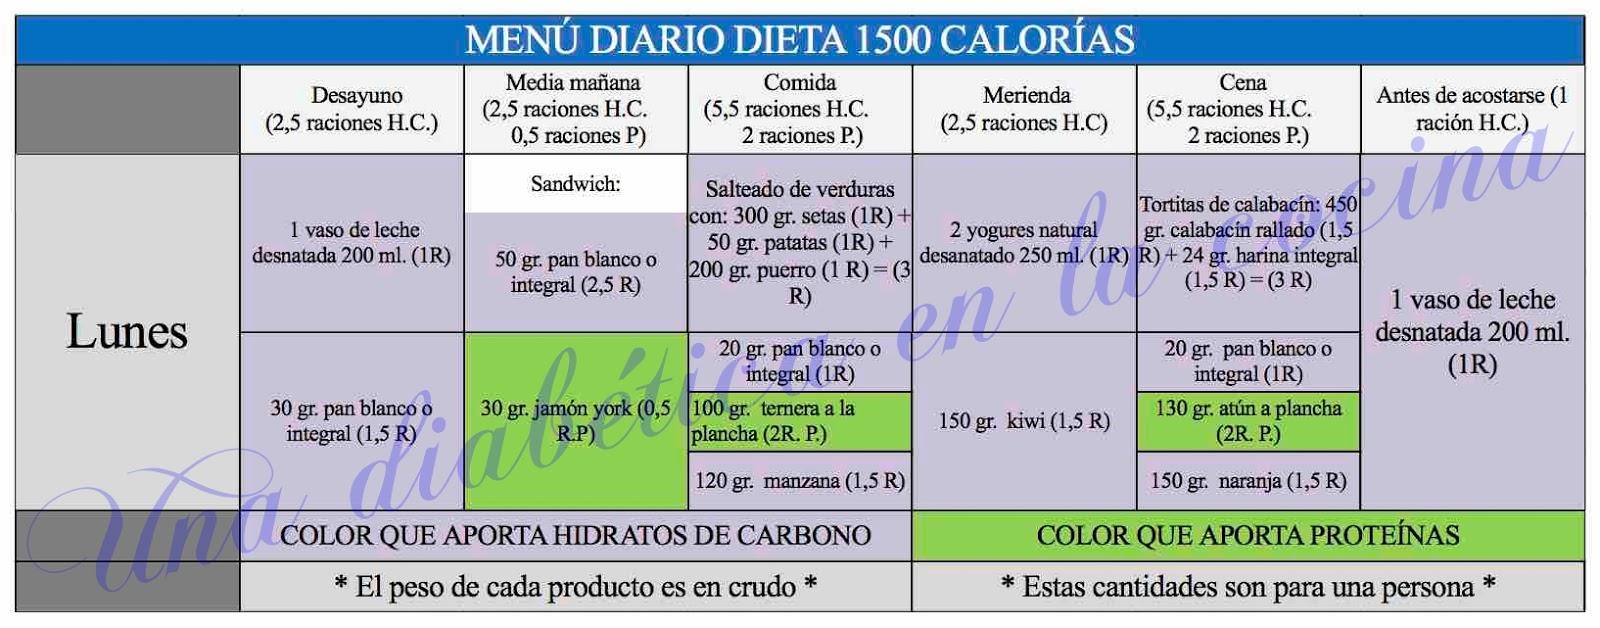 Dieta de 1500 calorias para adelgazar 10 kilos en